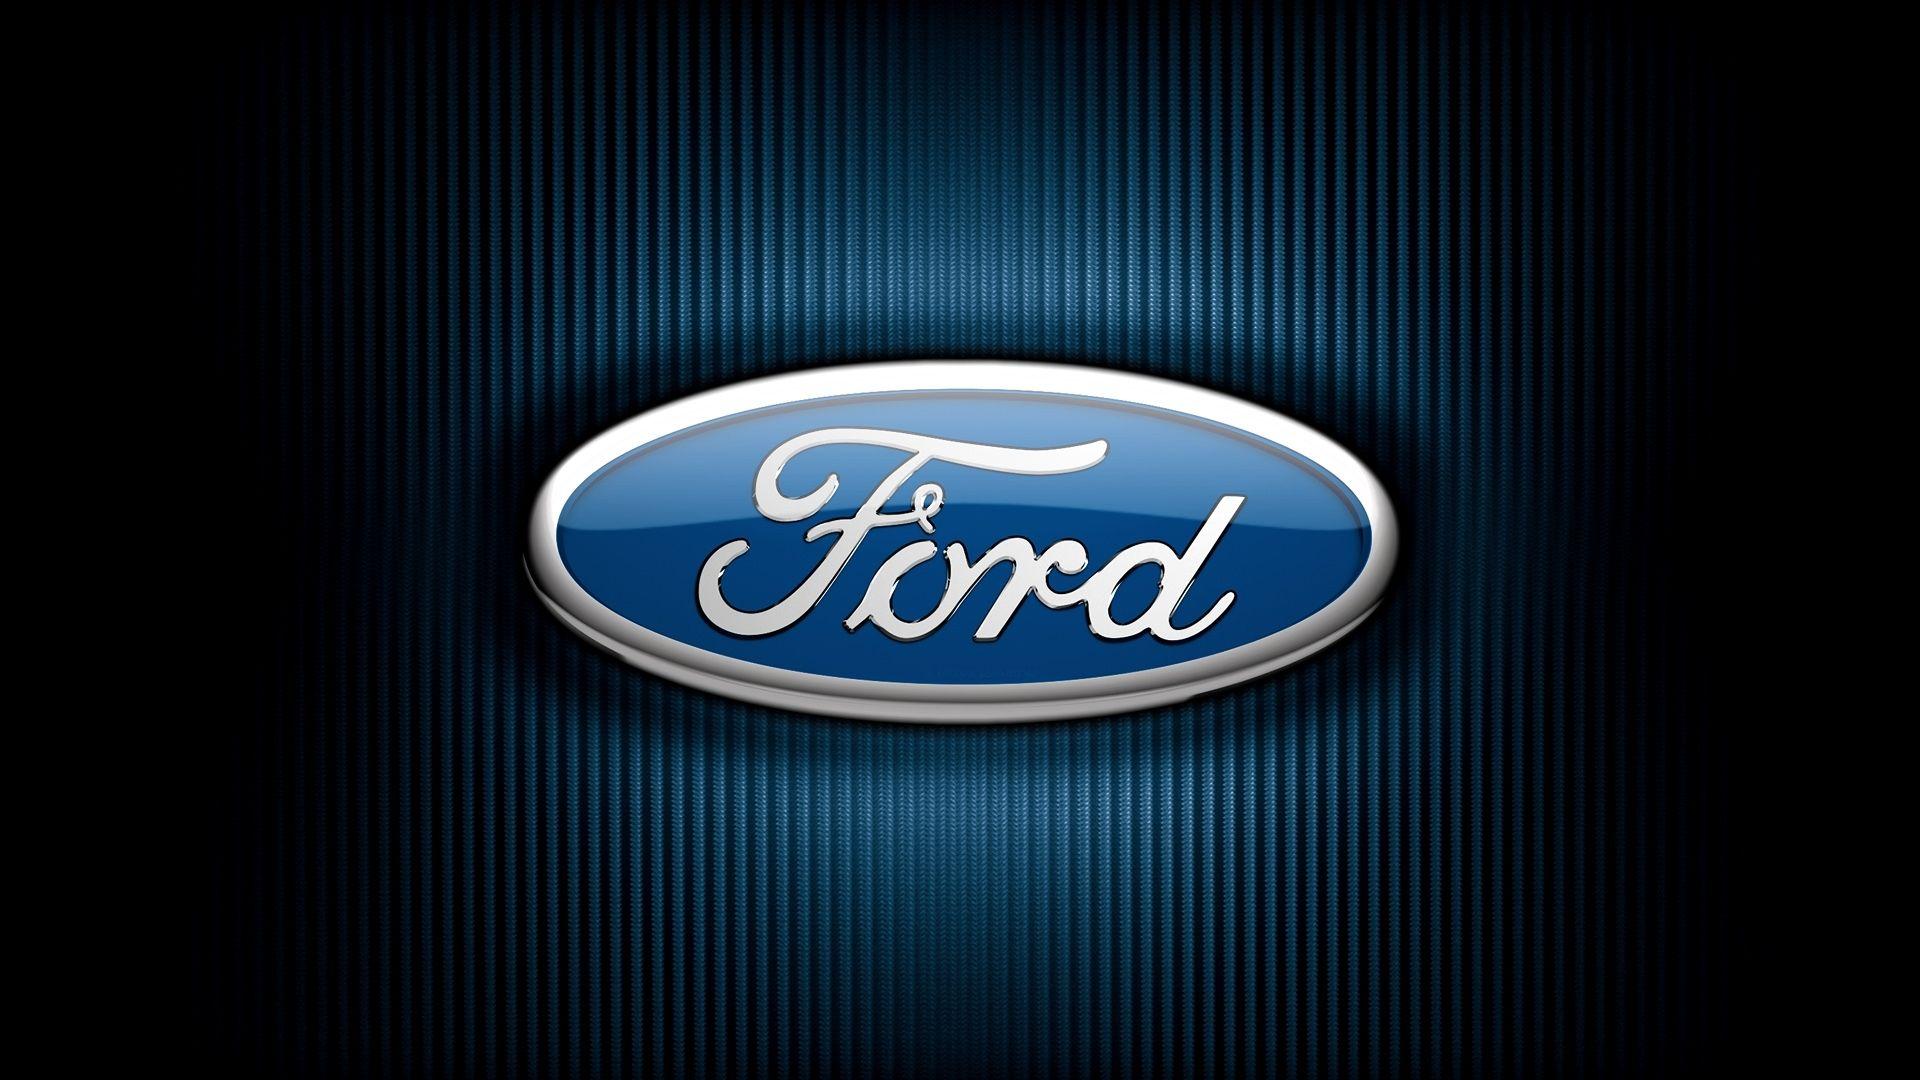 Ford Motor Company stock